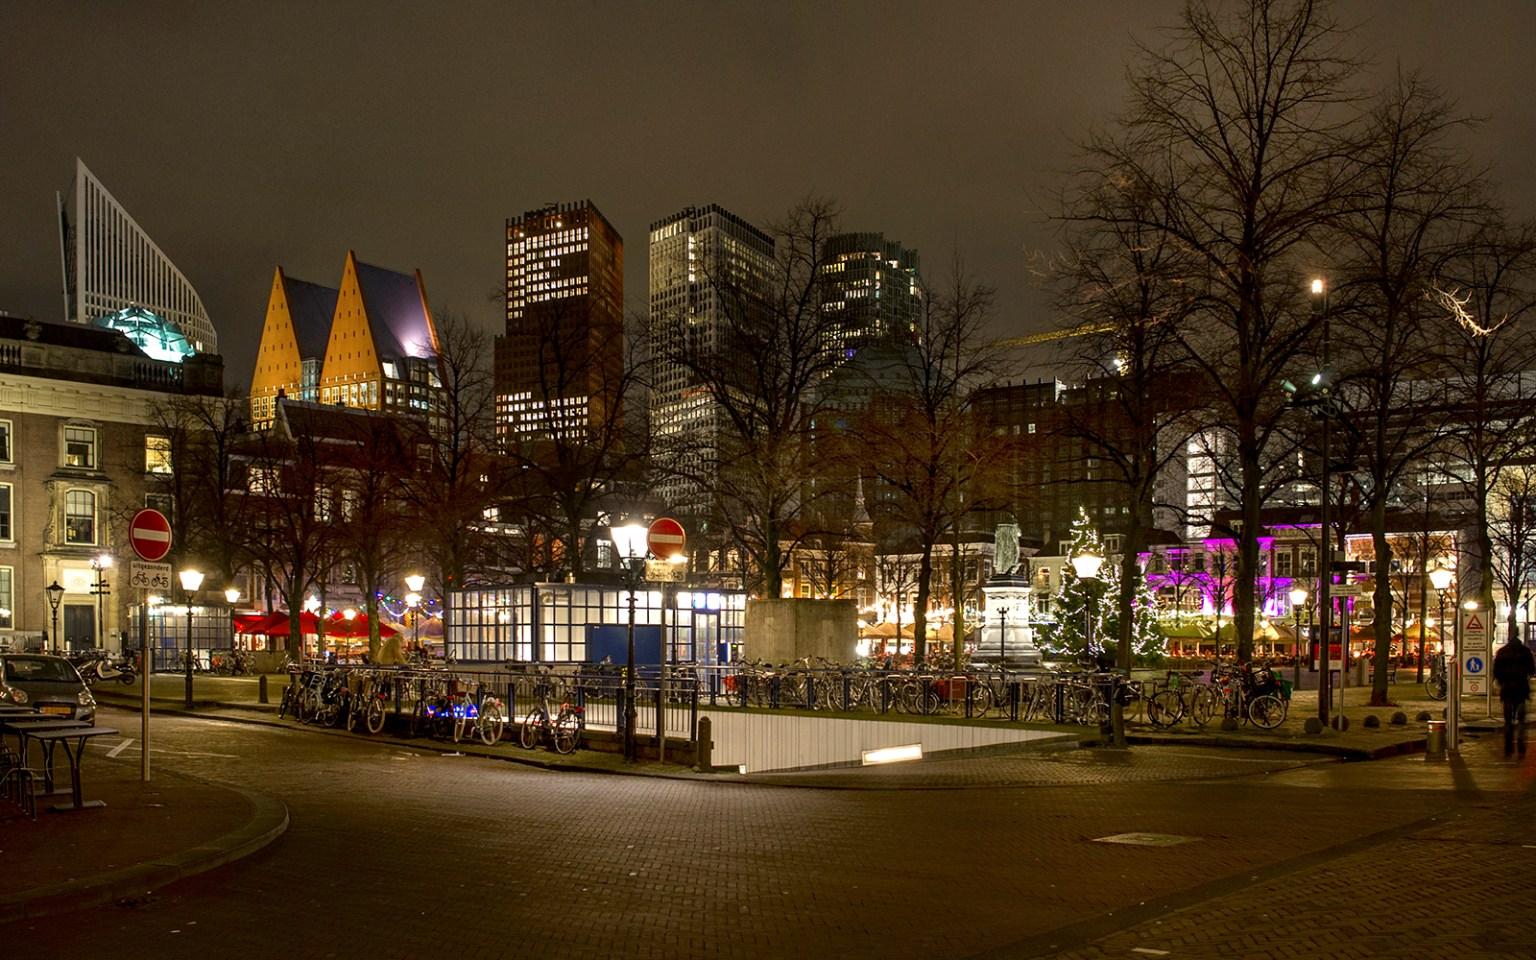 The Hague, Plein